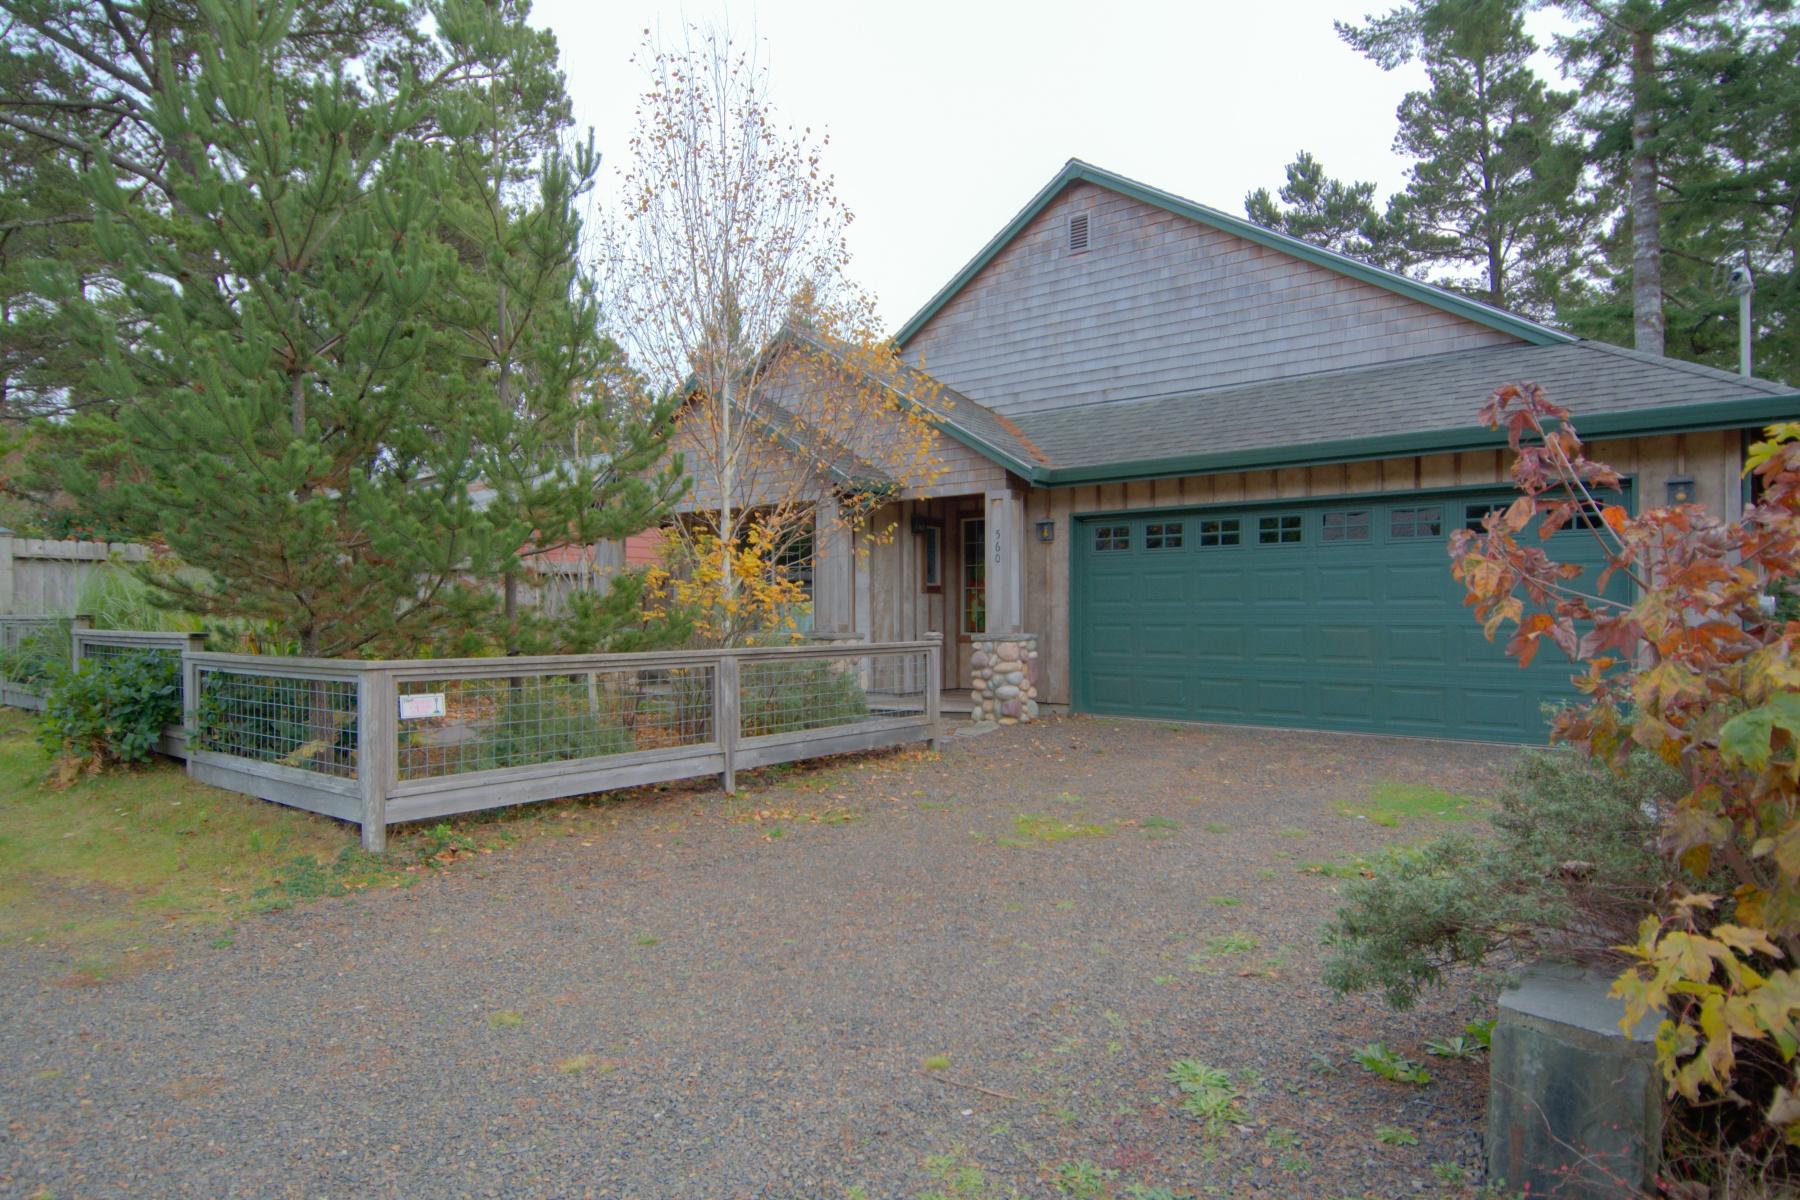 Nhà ở một gia đình vì Bán tại 560 MANZANITA AVE, MANZANITA Manzanita, Oregon, 97130 Hoa Kỳ